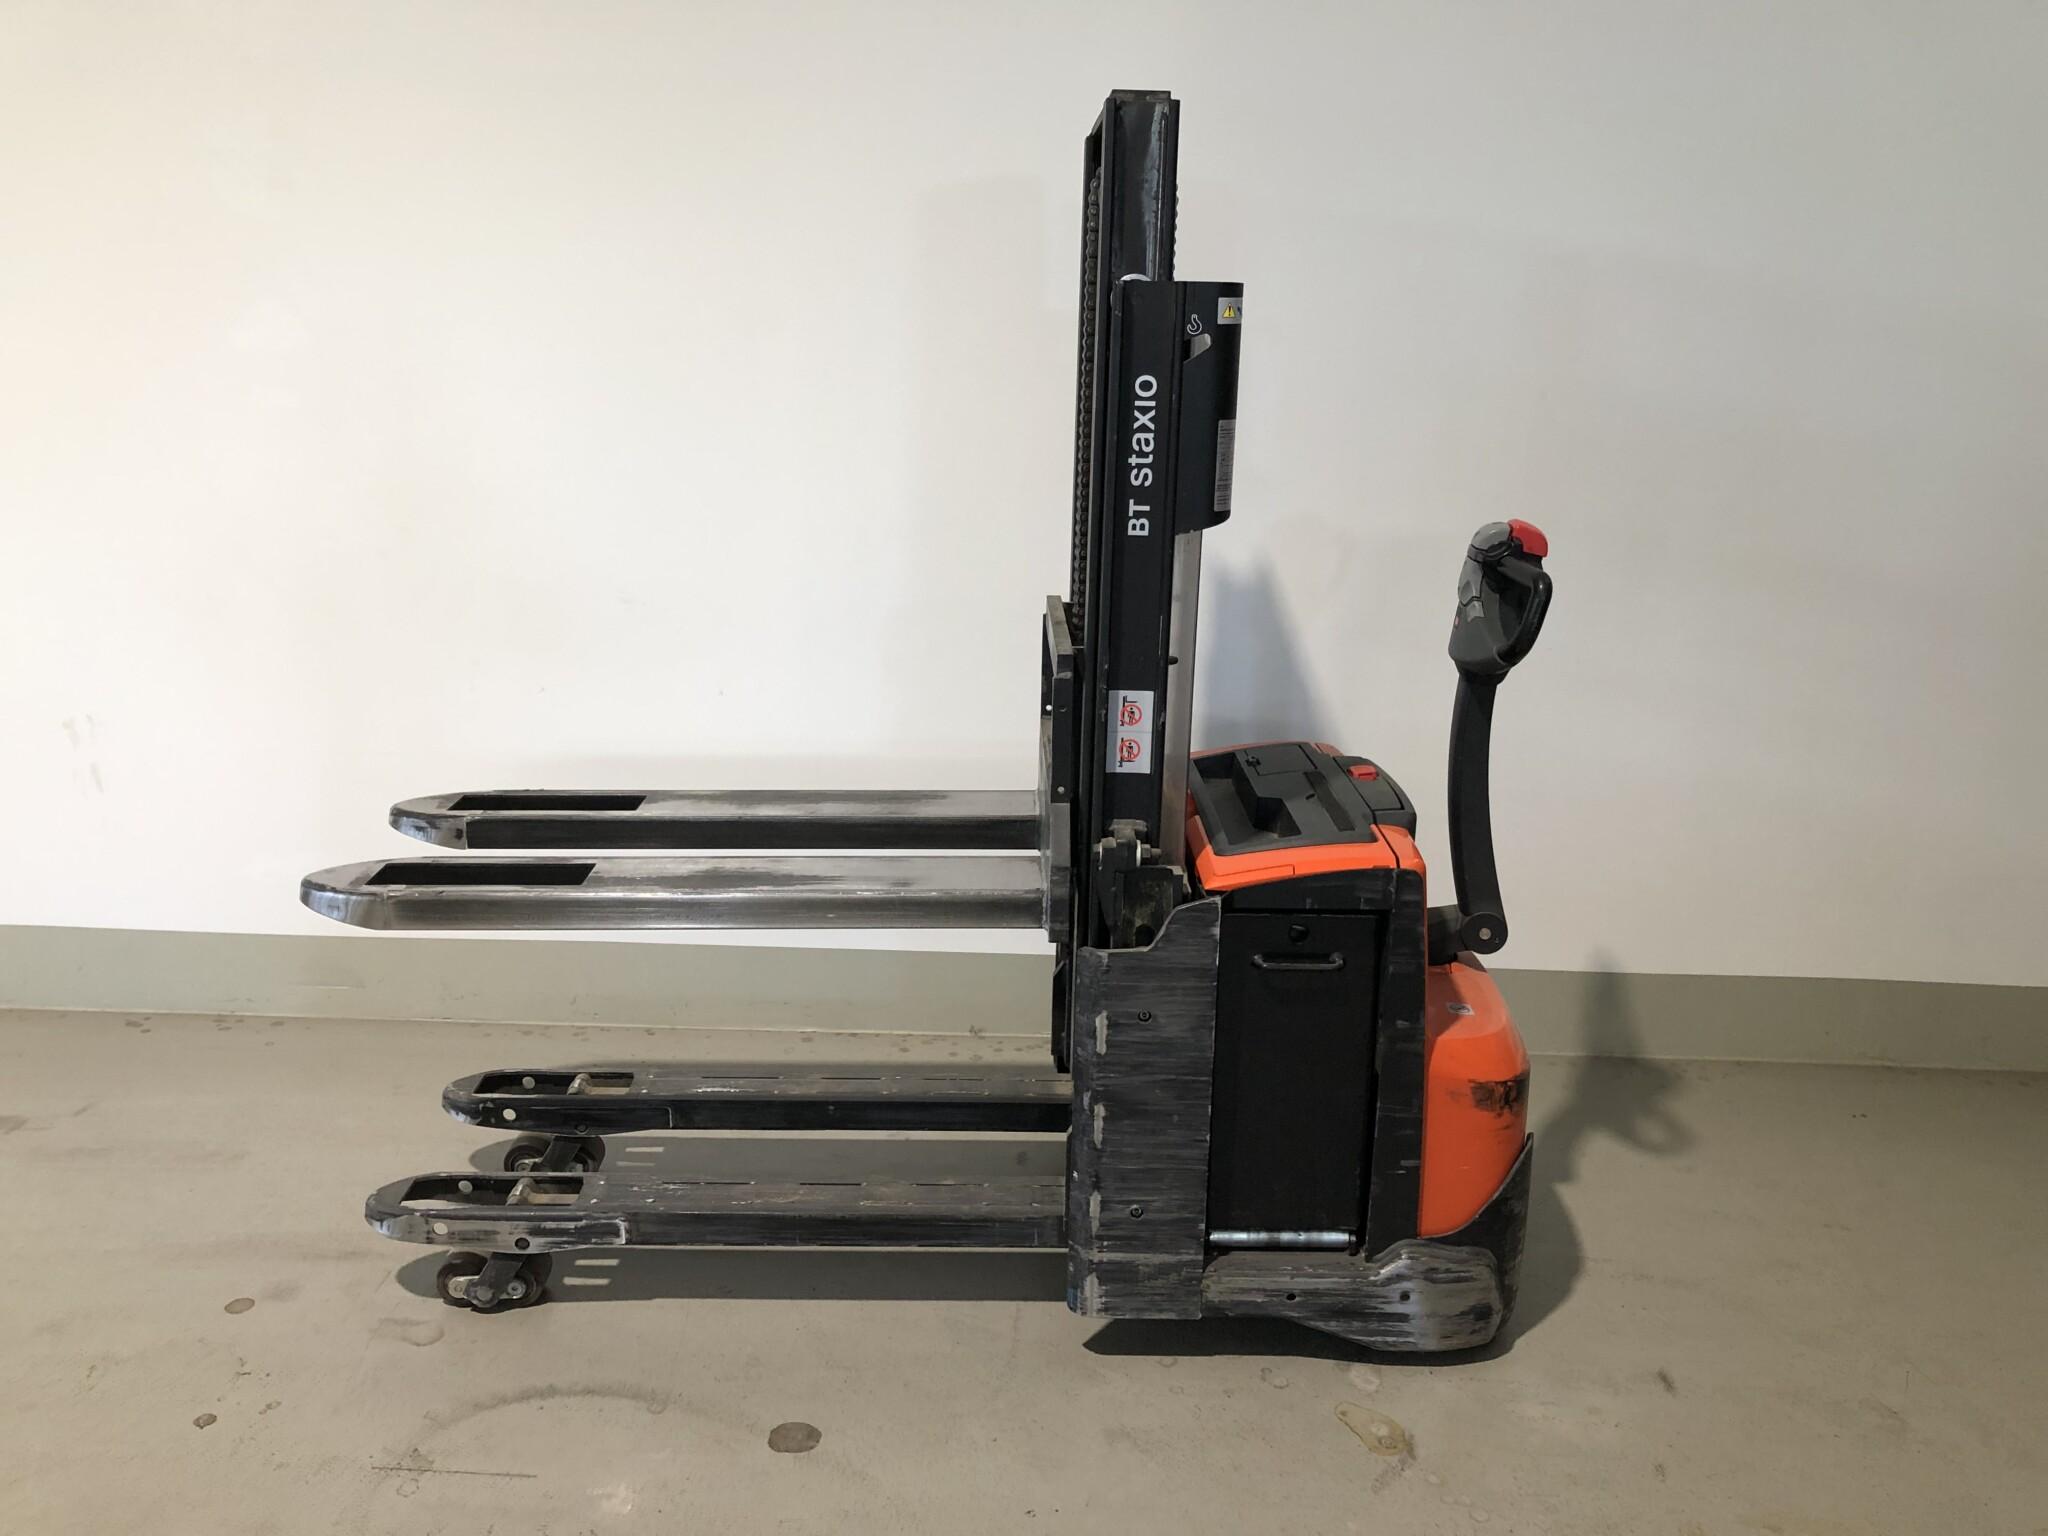 Toyota-Gabelstapler-59840 1509032872 1 scaled